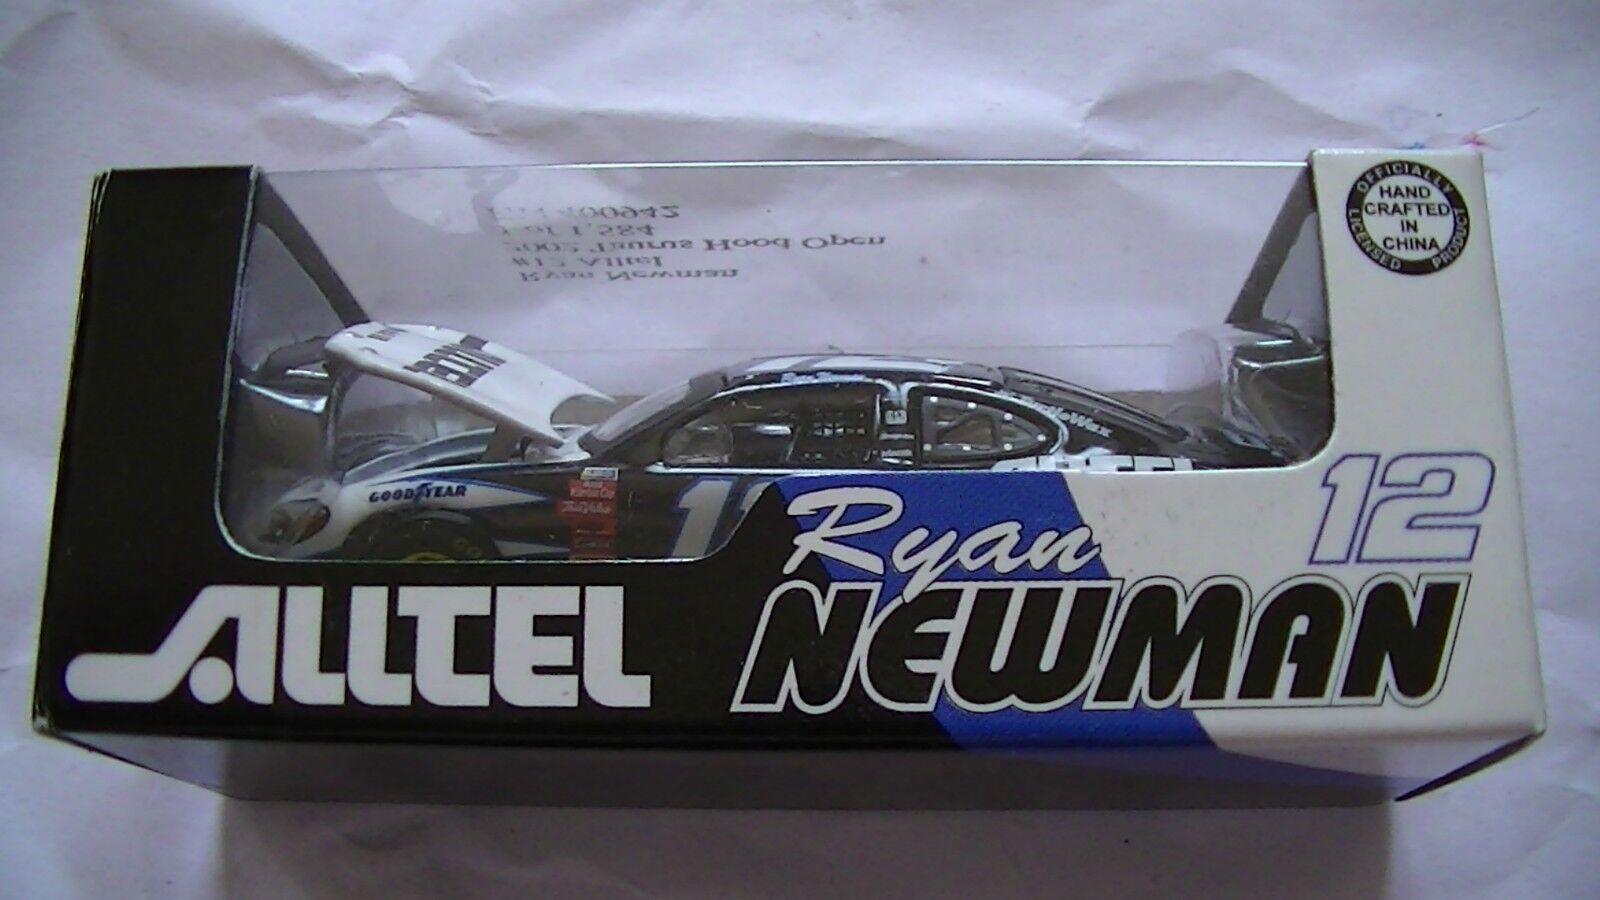 Fuxi double à acheter! Voiture neuve nascar course rallye 1/64 Ryan NewFemme!Edition limitée 1/1584! | Acheter